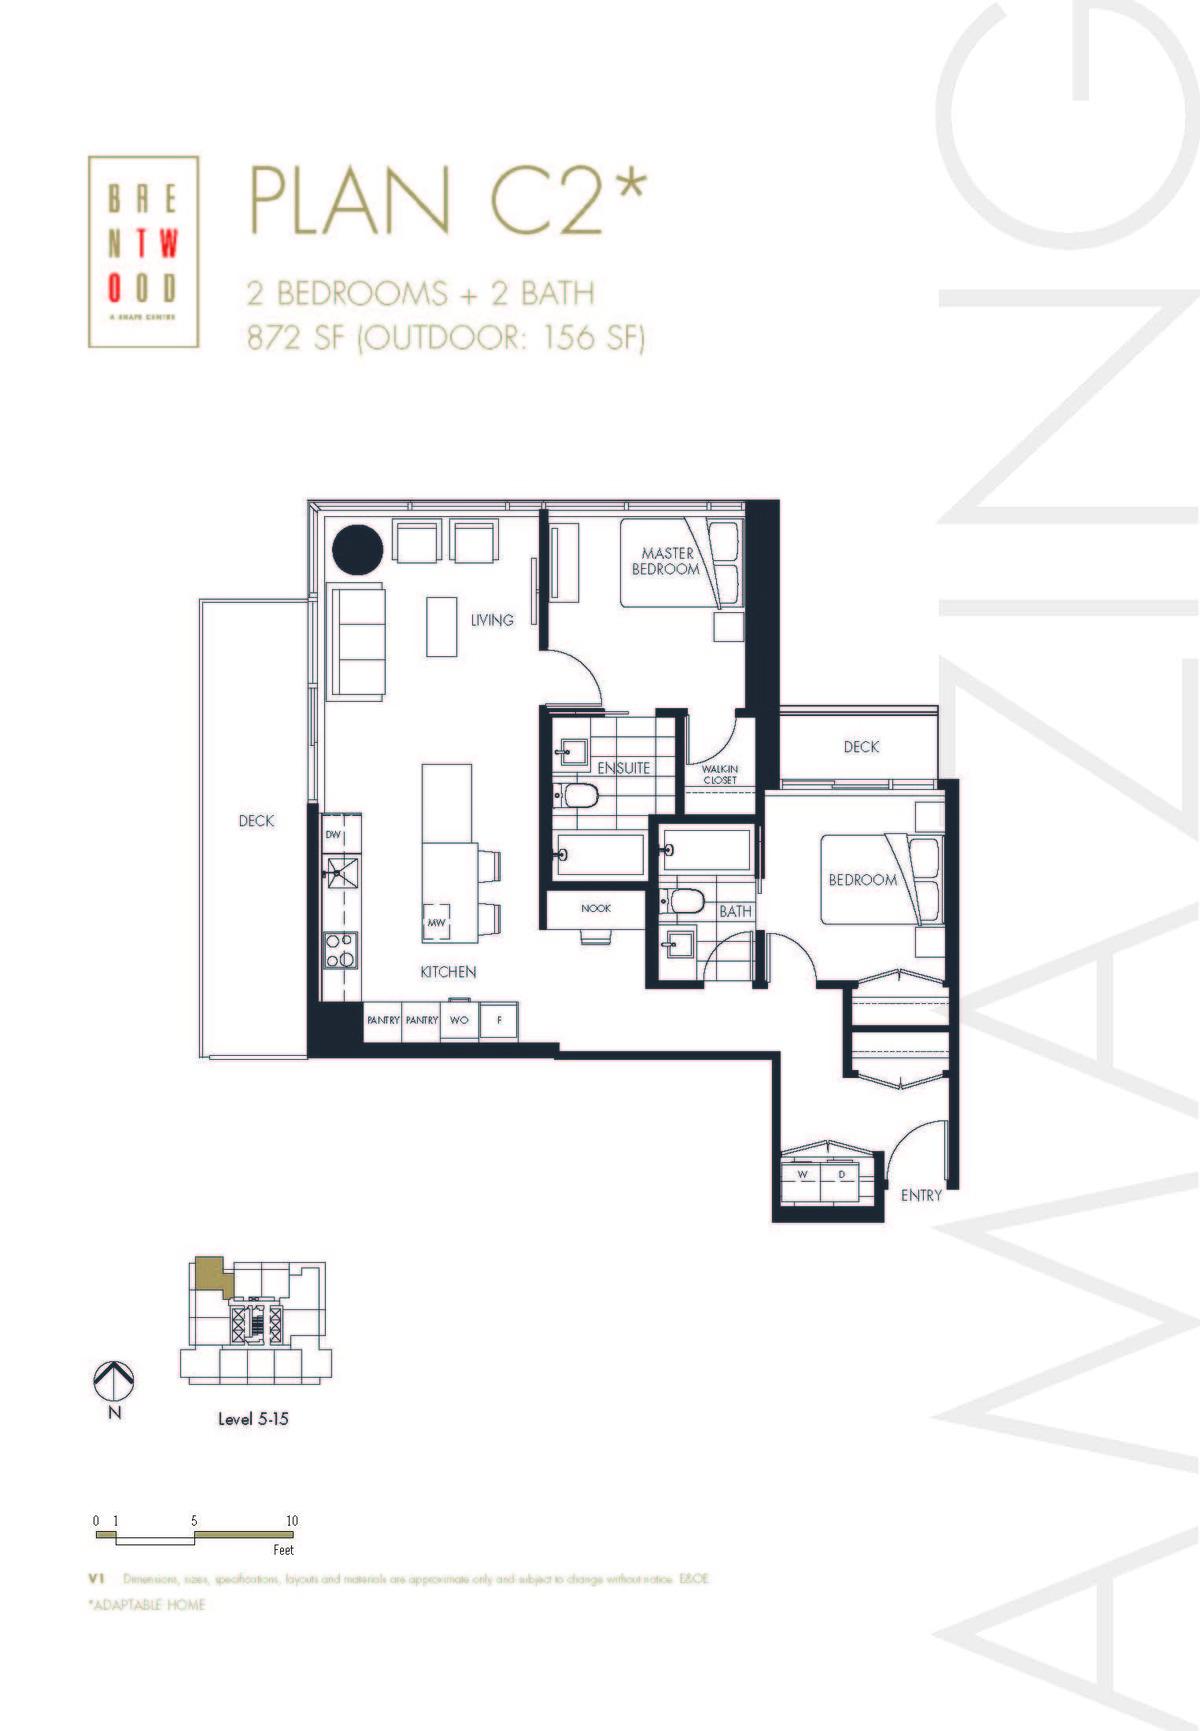 Brentwood_Tower2_Floor Plan_Page_12.jpg